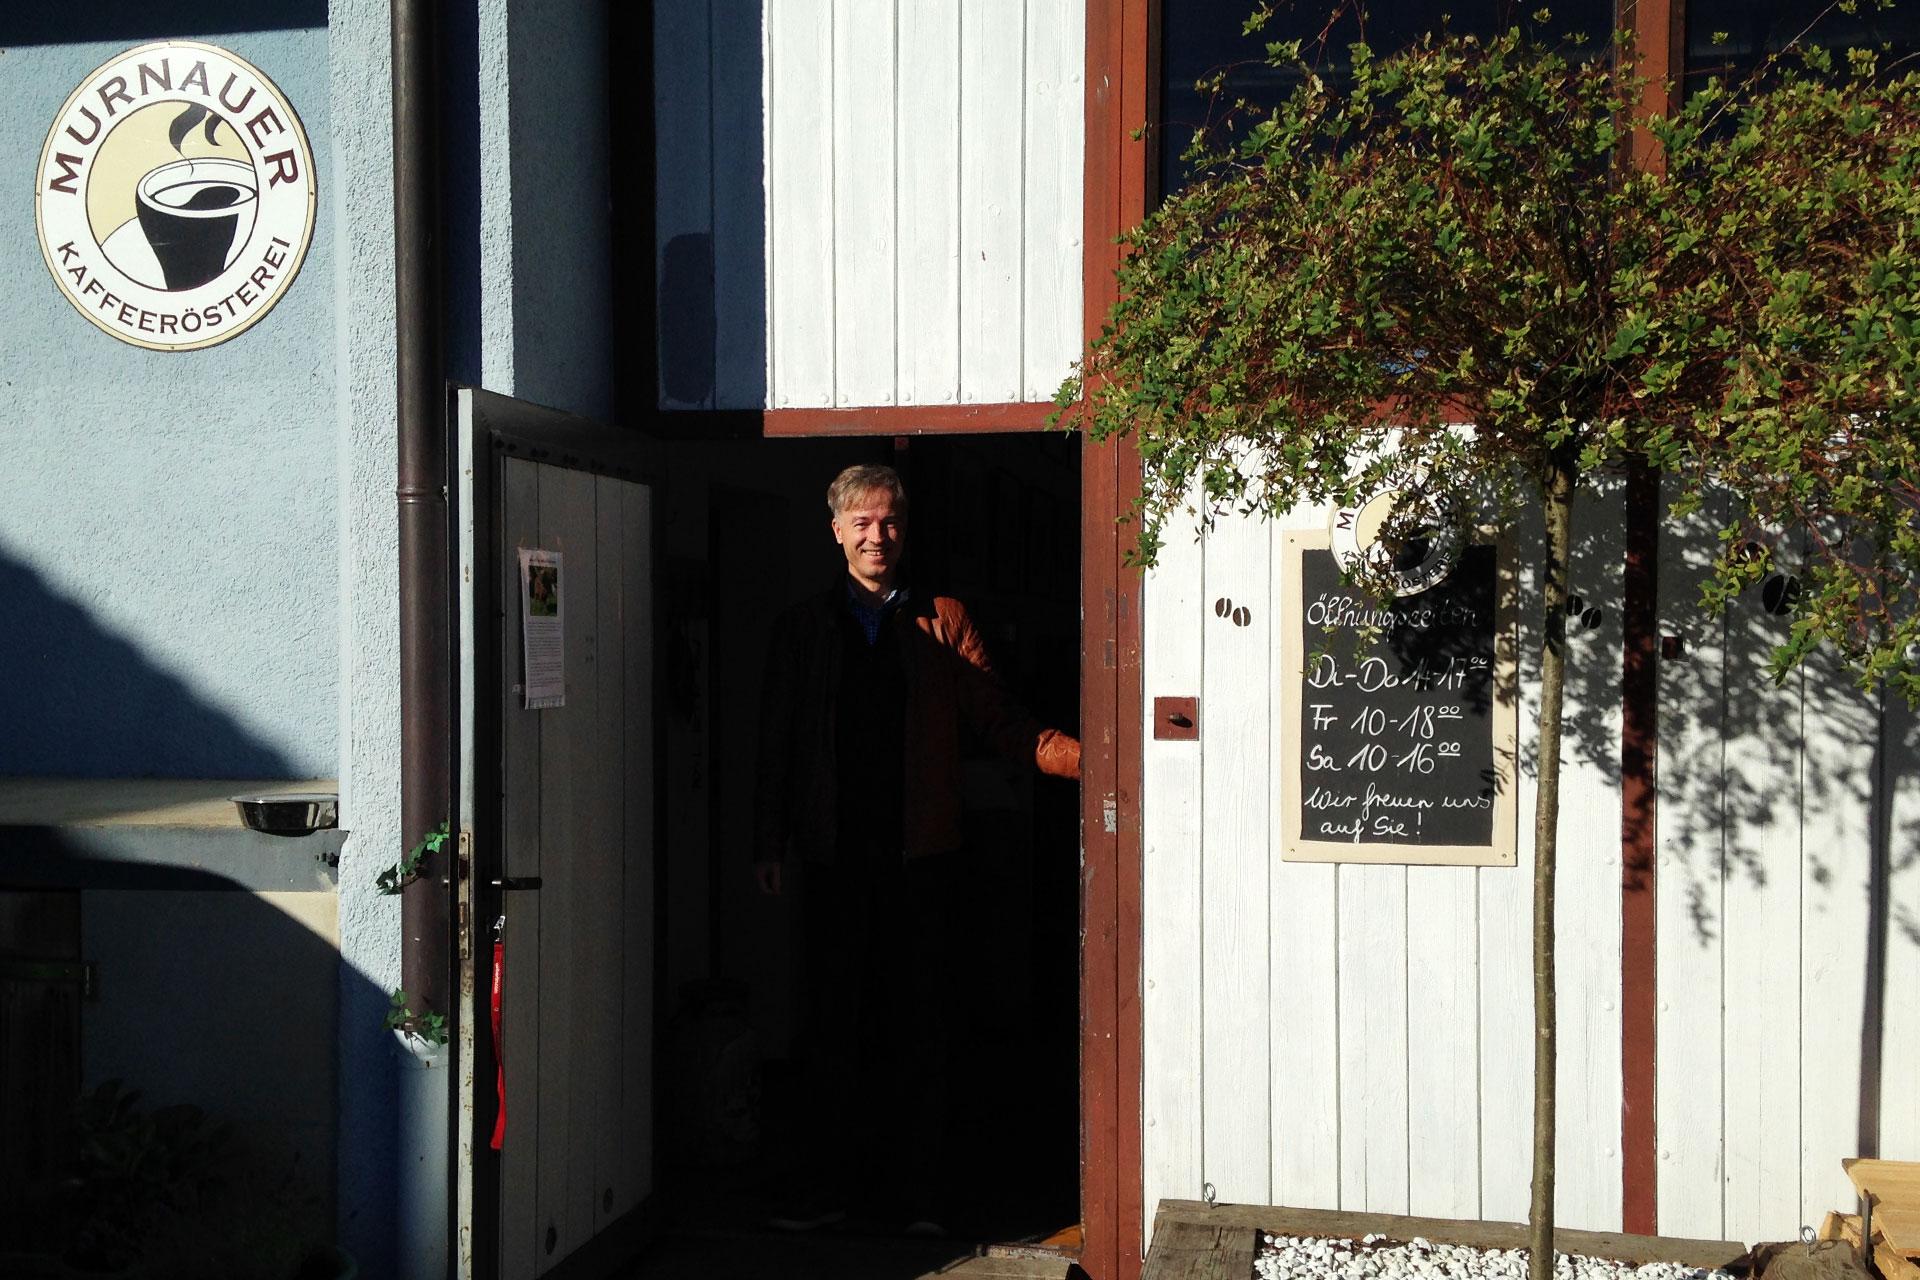 KOFFEIN IM BLUT: Durch die Espressowüste mit dem Rennrad / Michael Eckel von der Murnauer Kaffeerösterei hat seine Leidenschaft in den verschiedenen Arten der Zubereitung von Espresso und Cappuccino gefunden